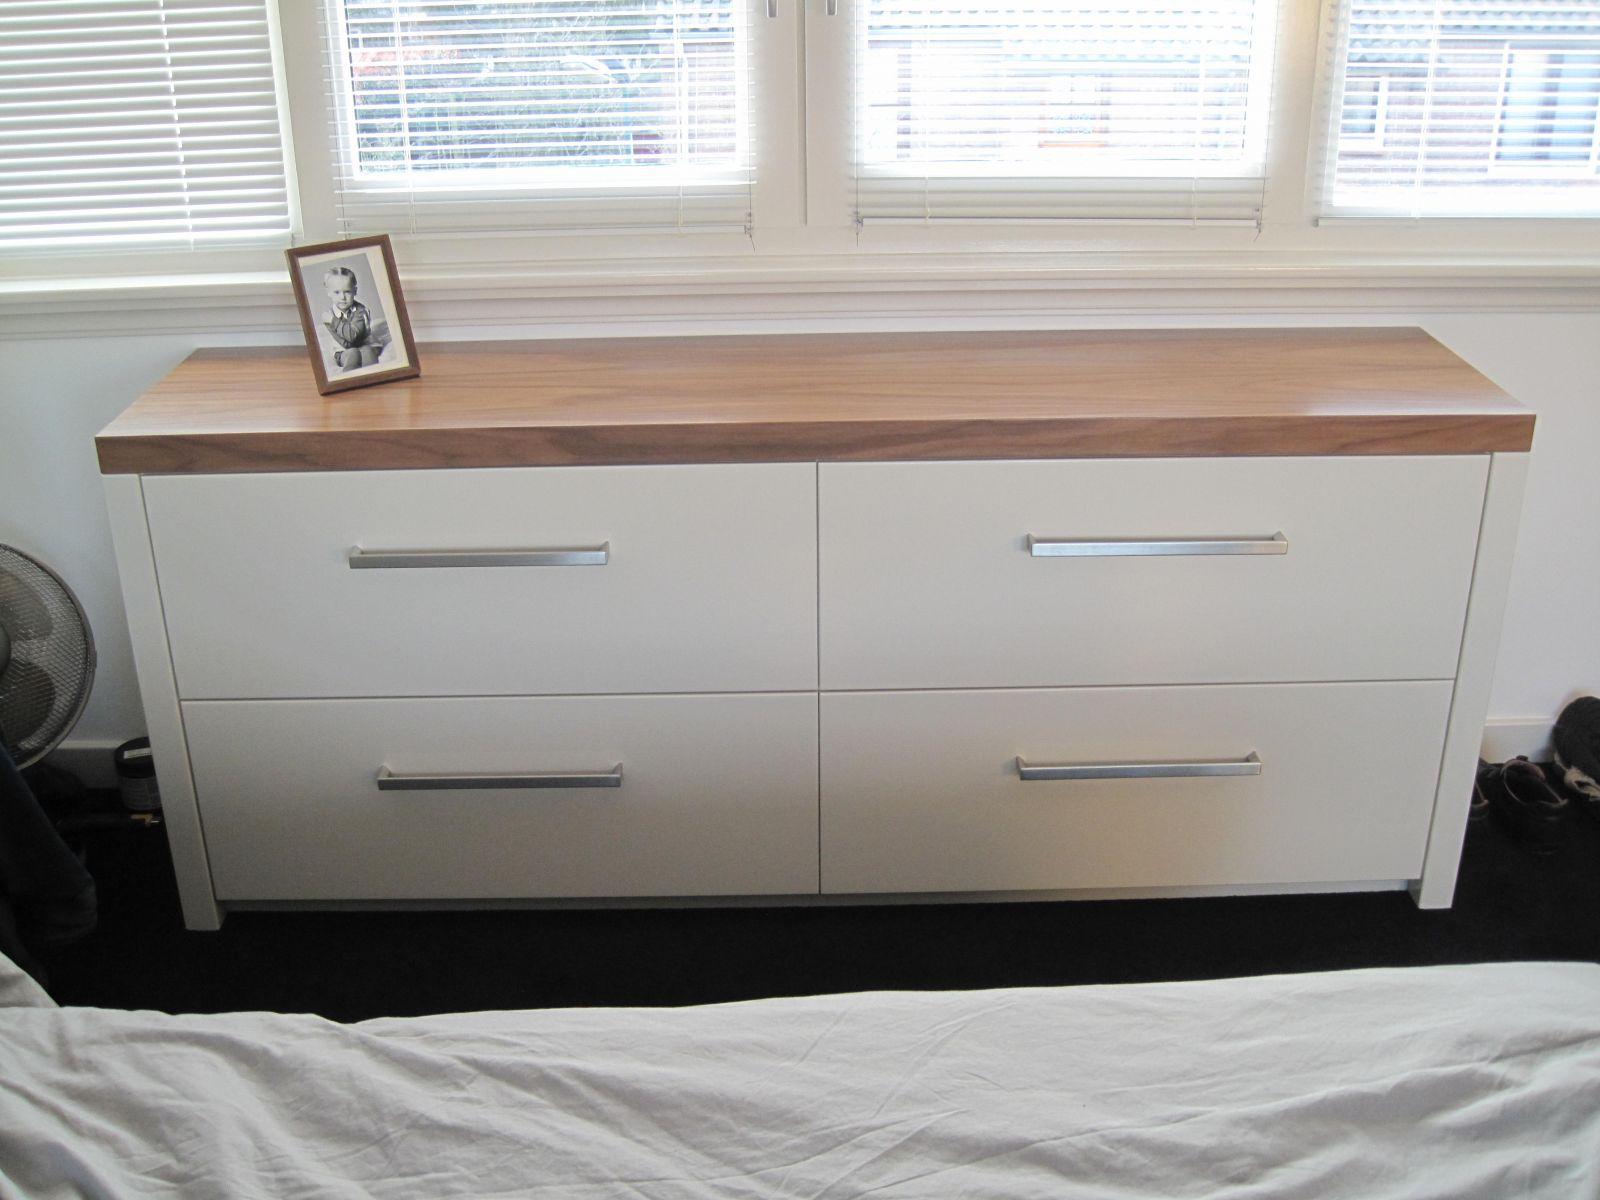 Slaapkamer meubels van kooten v o f almere - Slaapkamer meubels ...